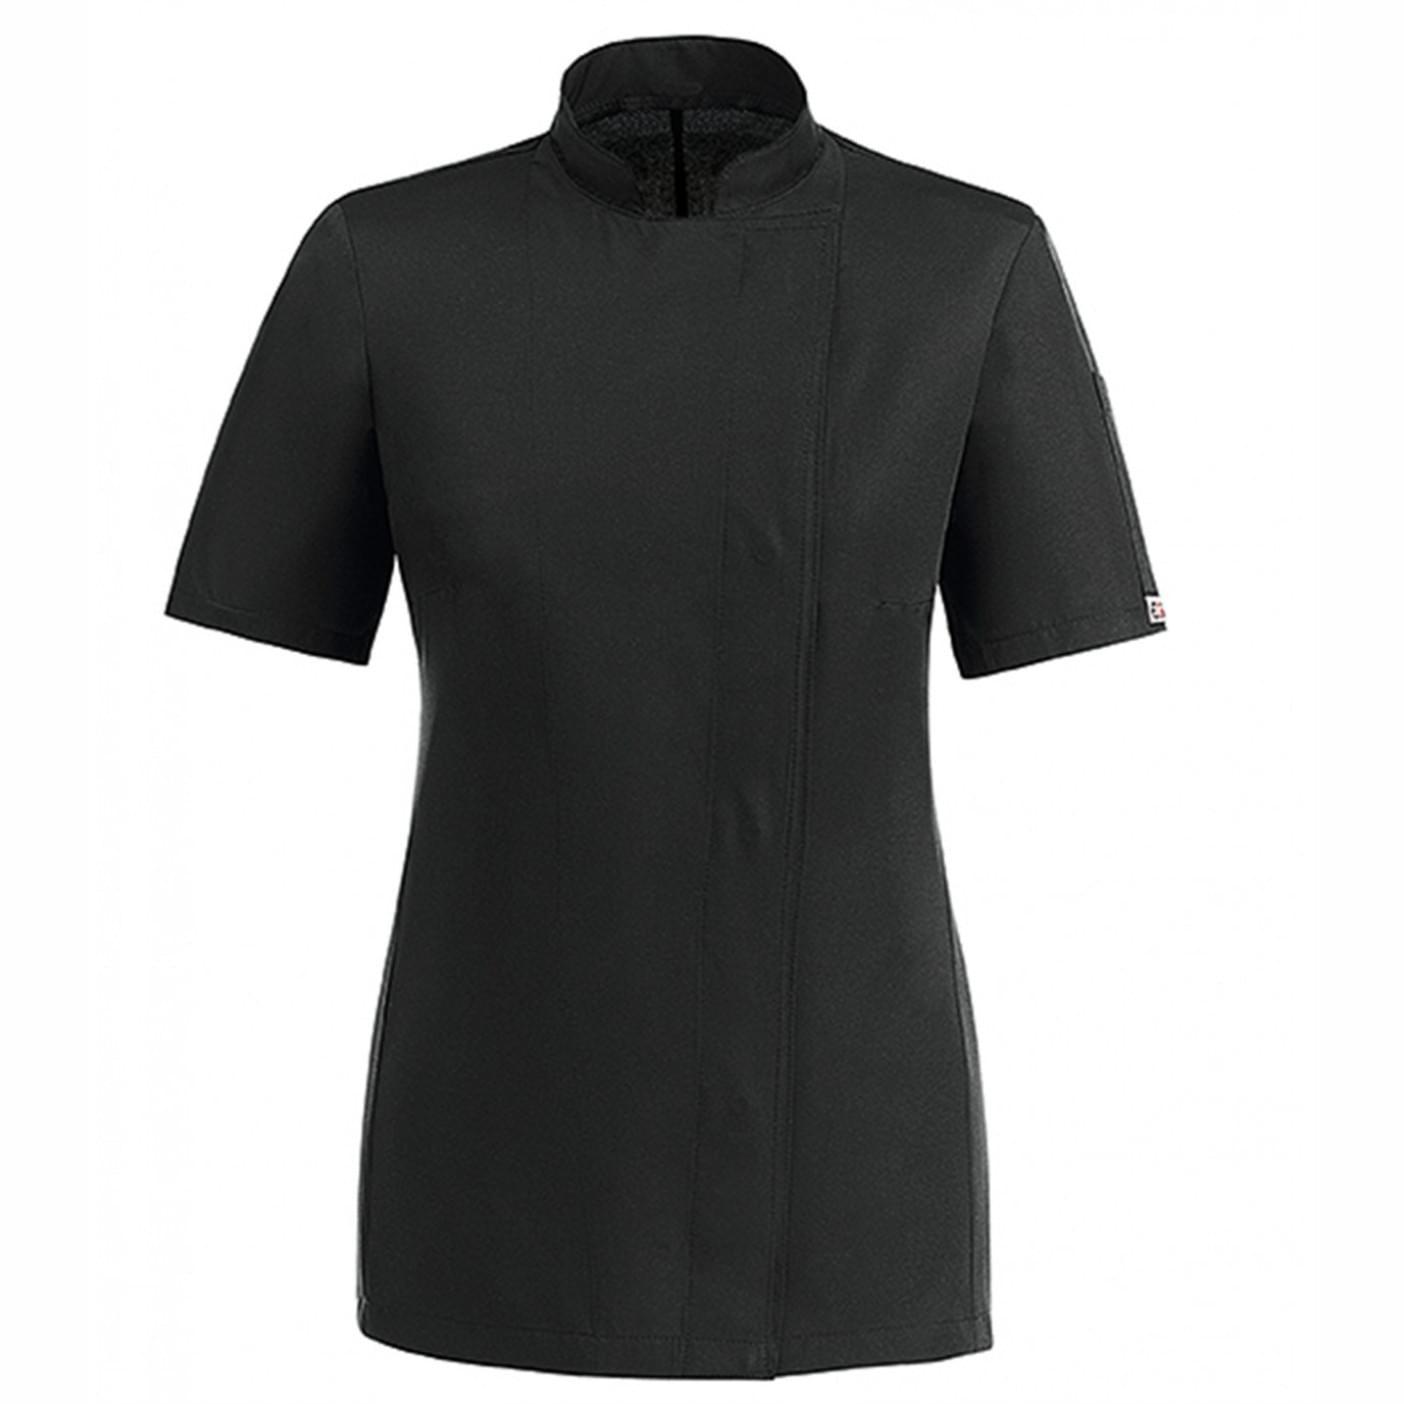 γυναικεία μπλούζα μάγειρα μάυρη egochef microfiber